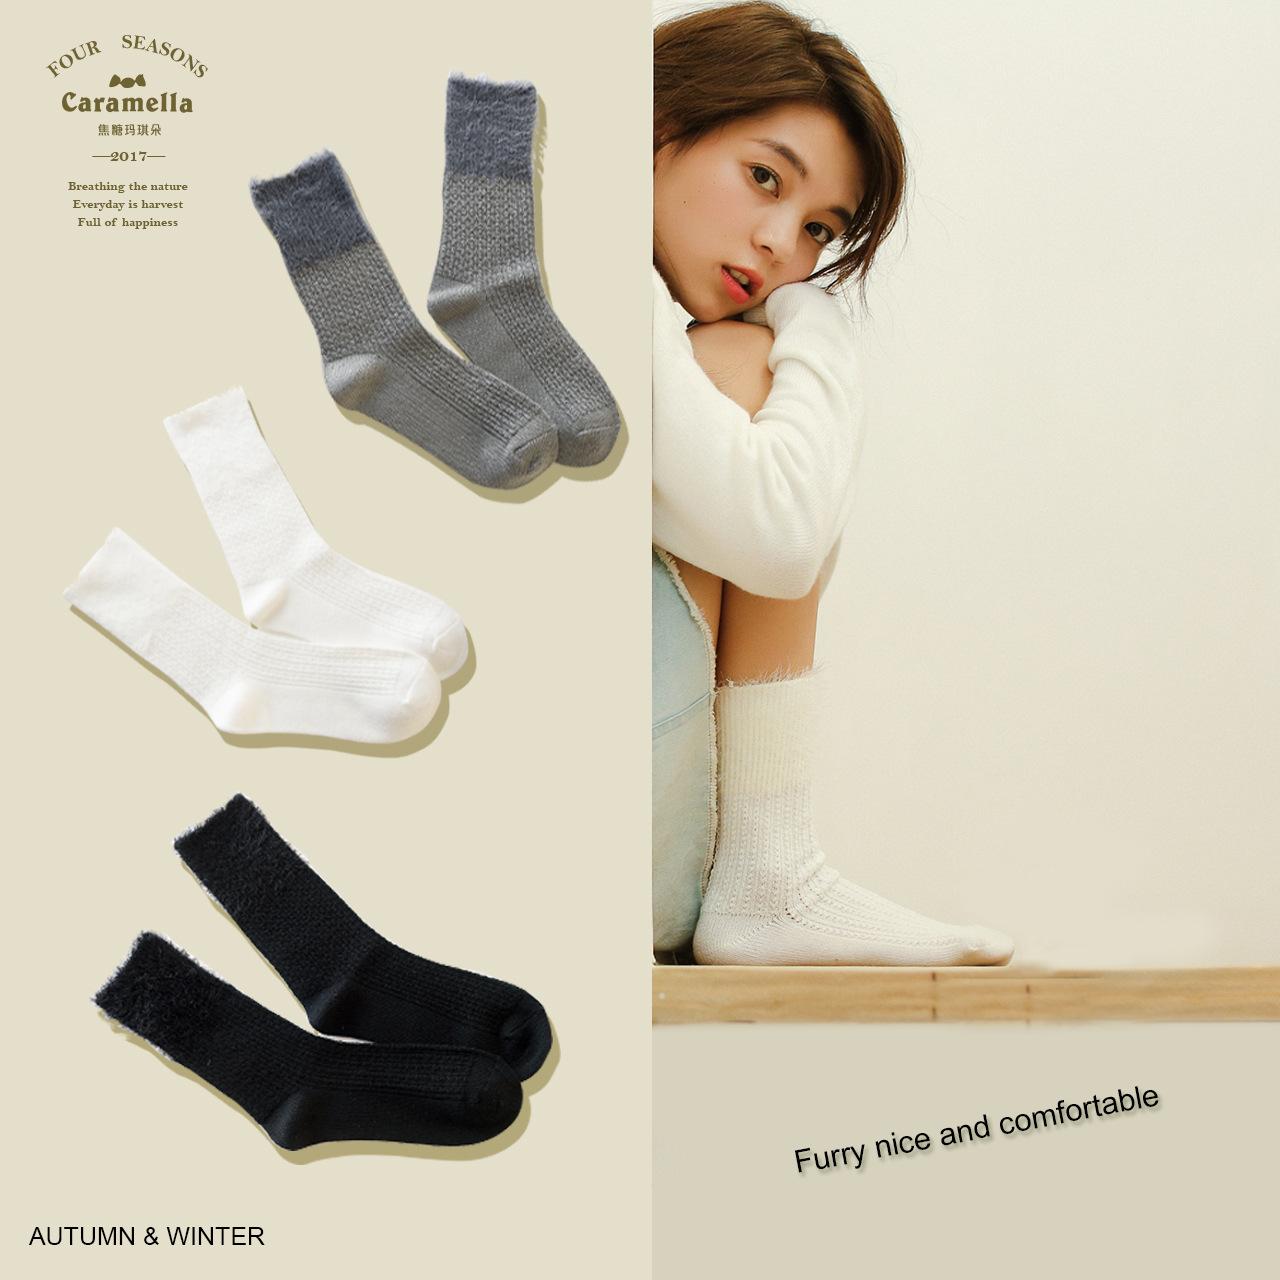 [해외]1Pair / lot 러블리 솔리드 아크릴 양말 가을 겨울 스타일 깃털 원사 귀여운 여성 양말 소녀 바비 삭스 Calcetines Meias/1Pair/lot Lovely Solid Acrylic Socks Autumn Winter Style Feather Ya